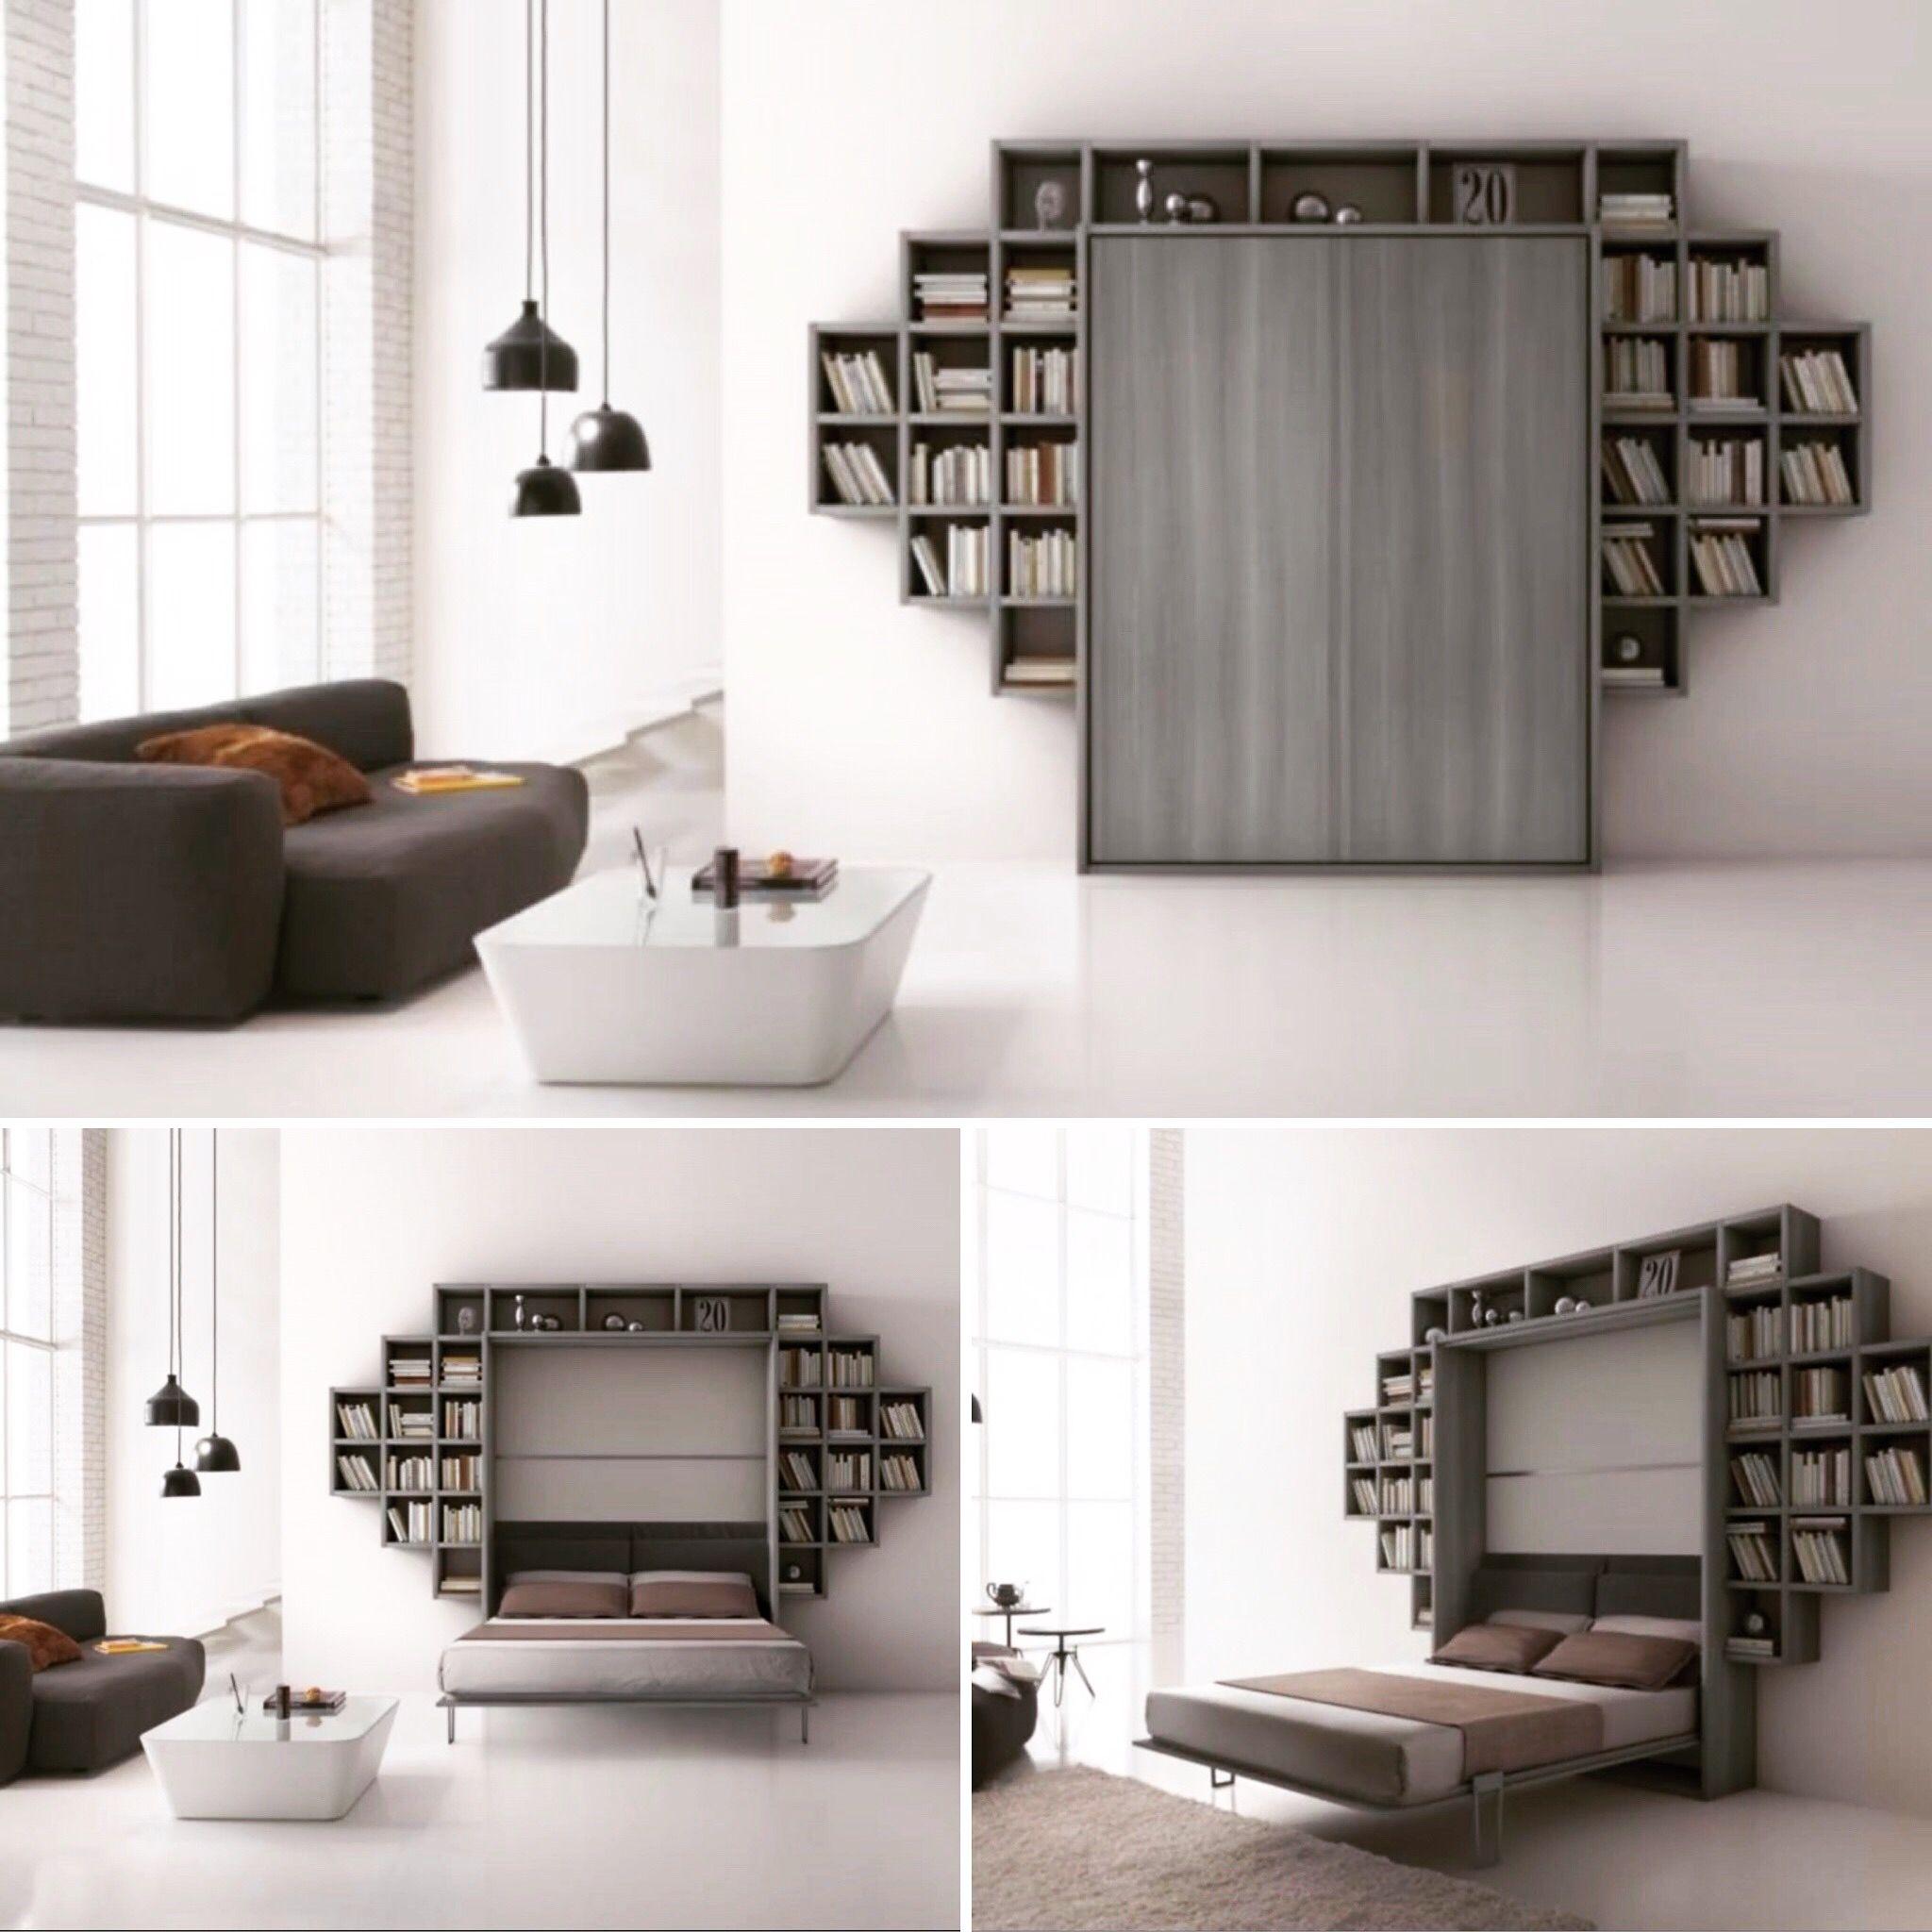 Libreria Con Letto A Scomparsa.Letto A Scomparsa Con Librerie Modello Anemone Artigiani In Citta